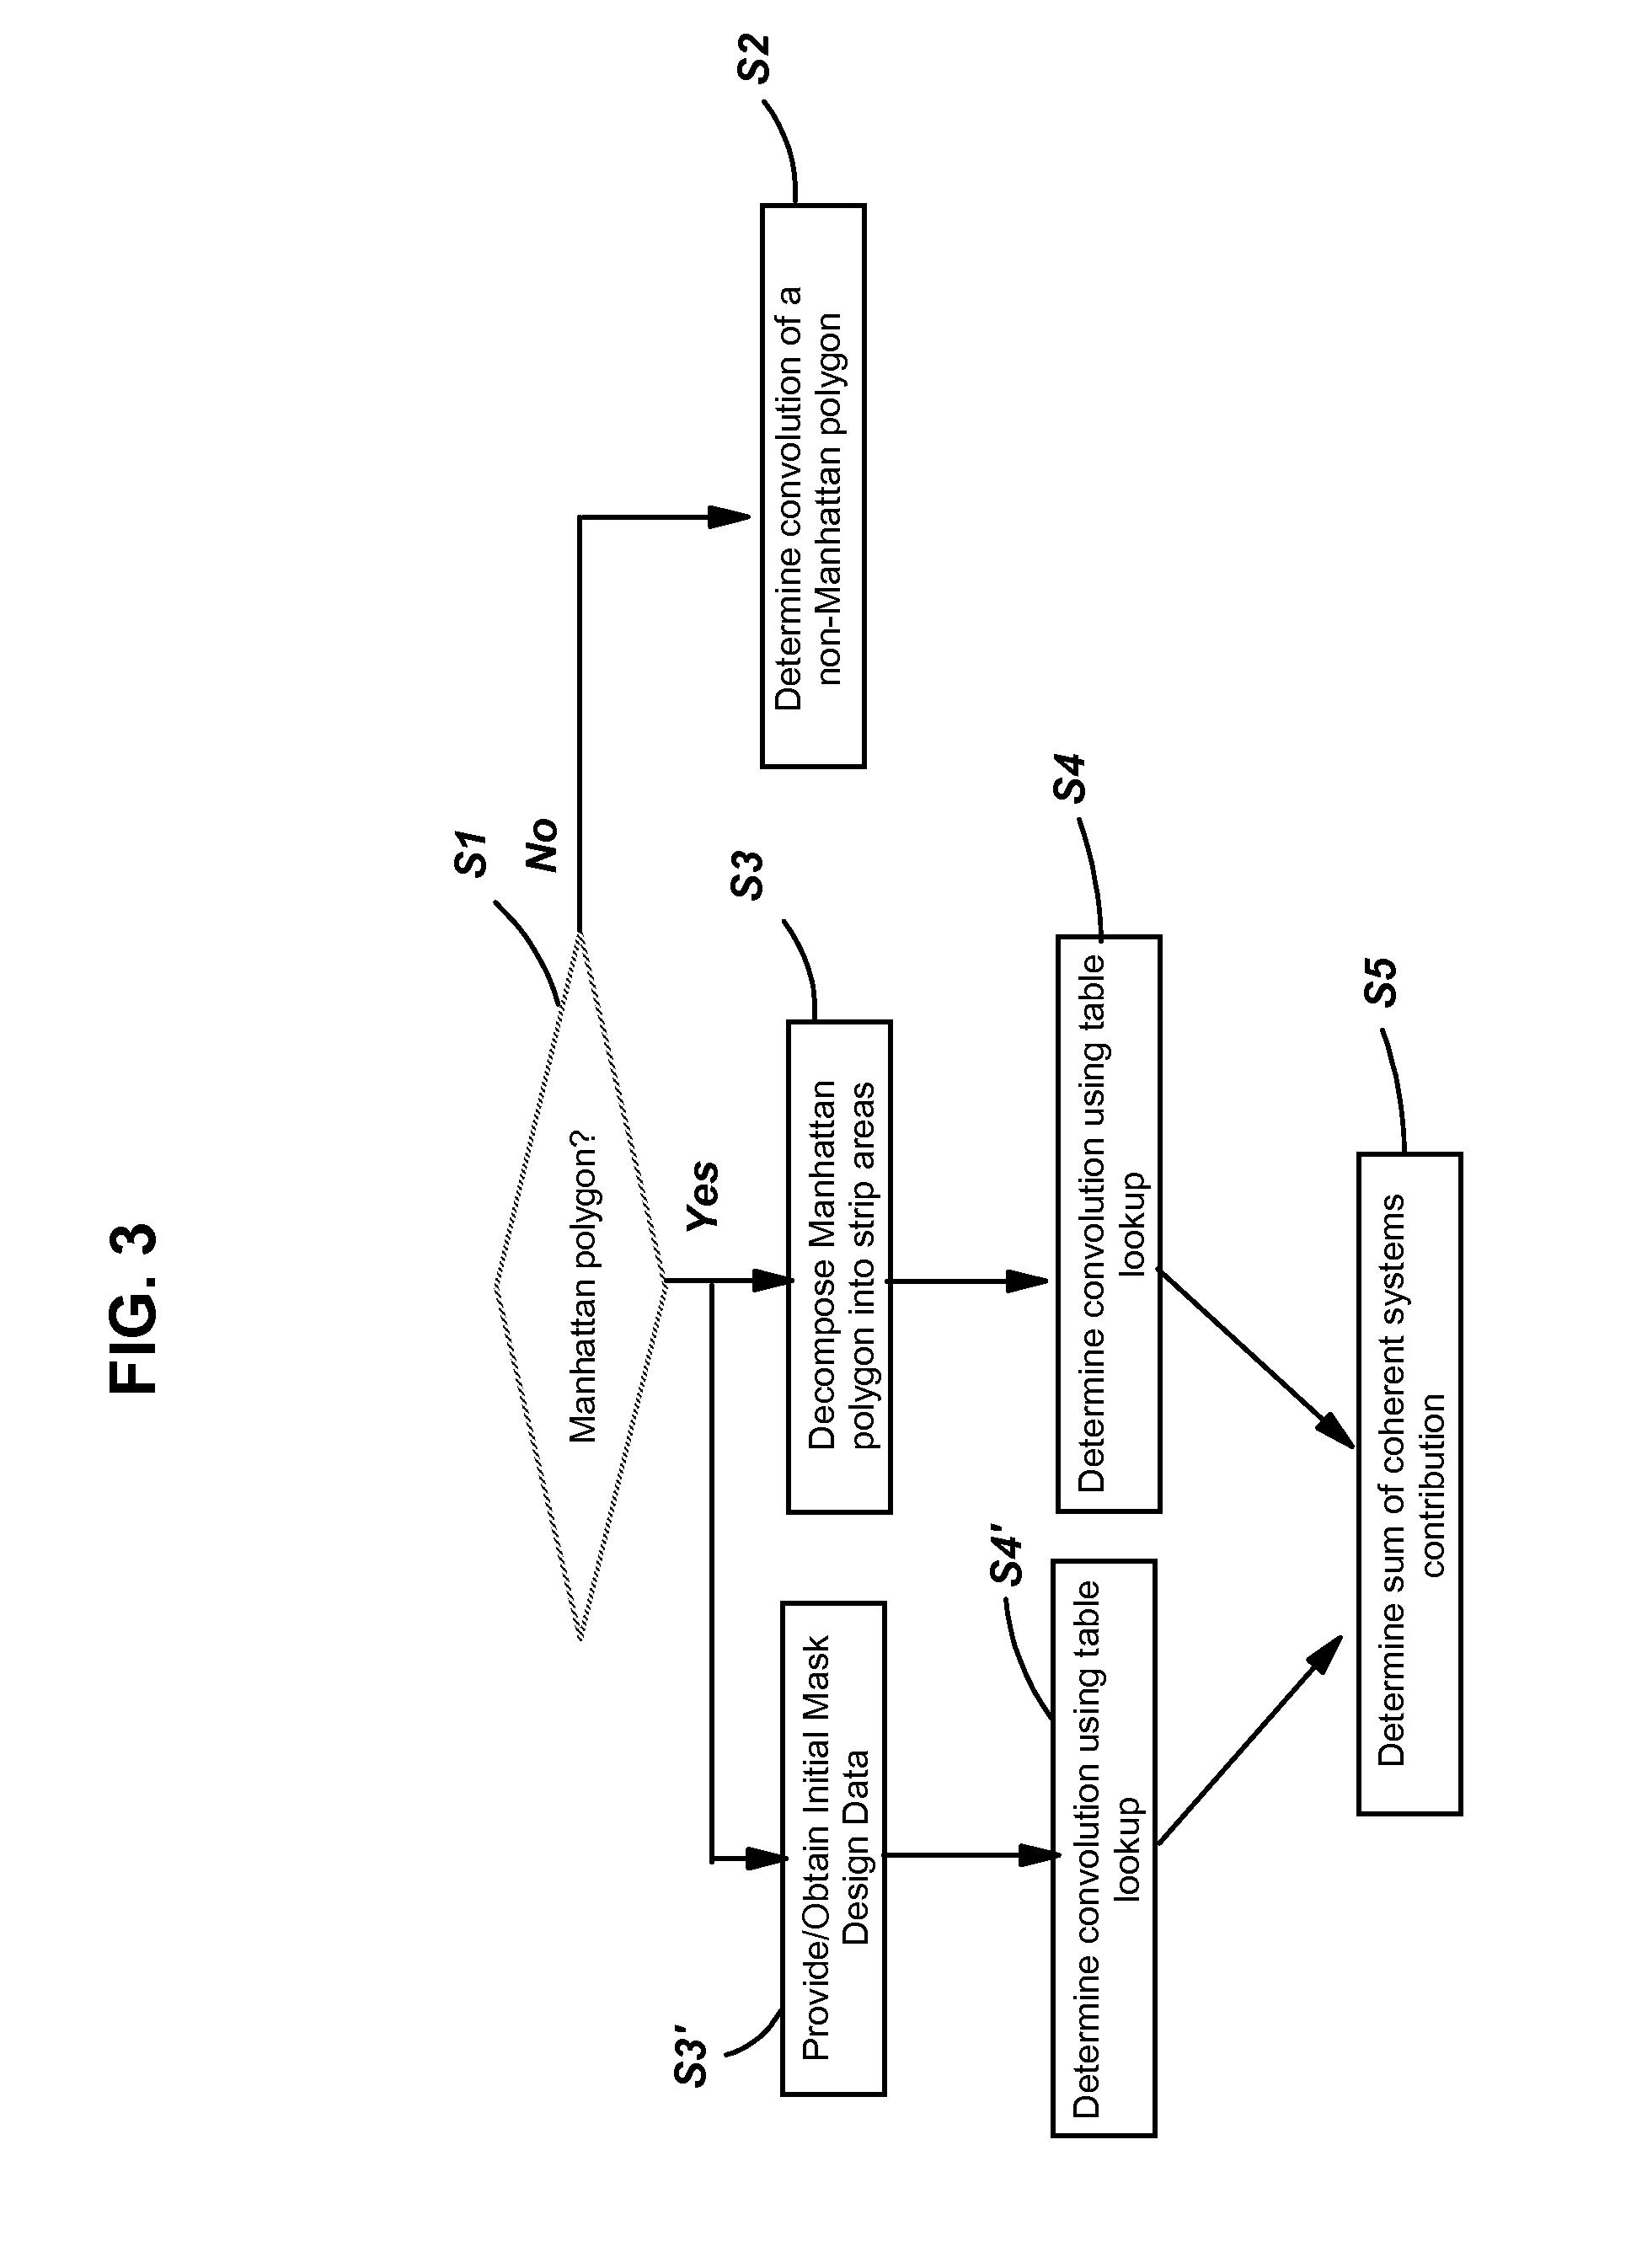 patent us8059885